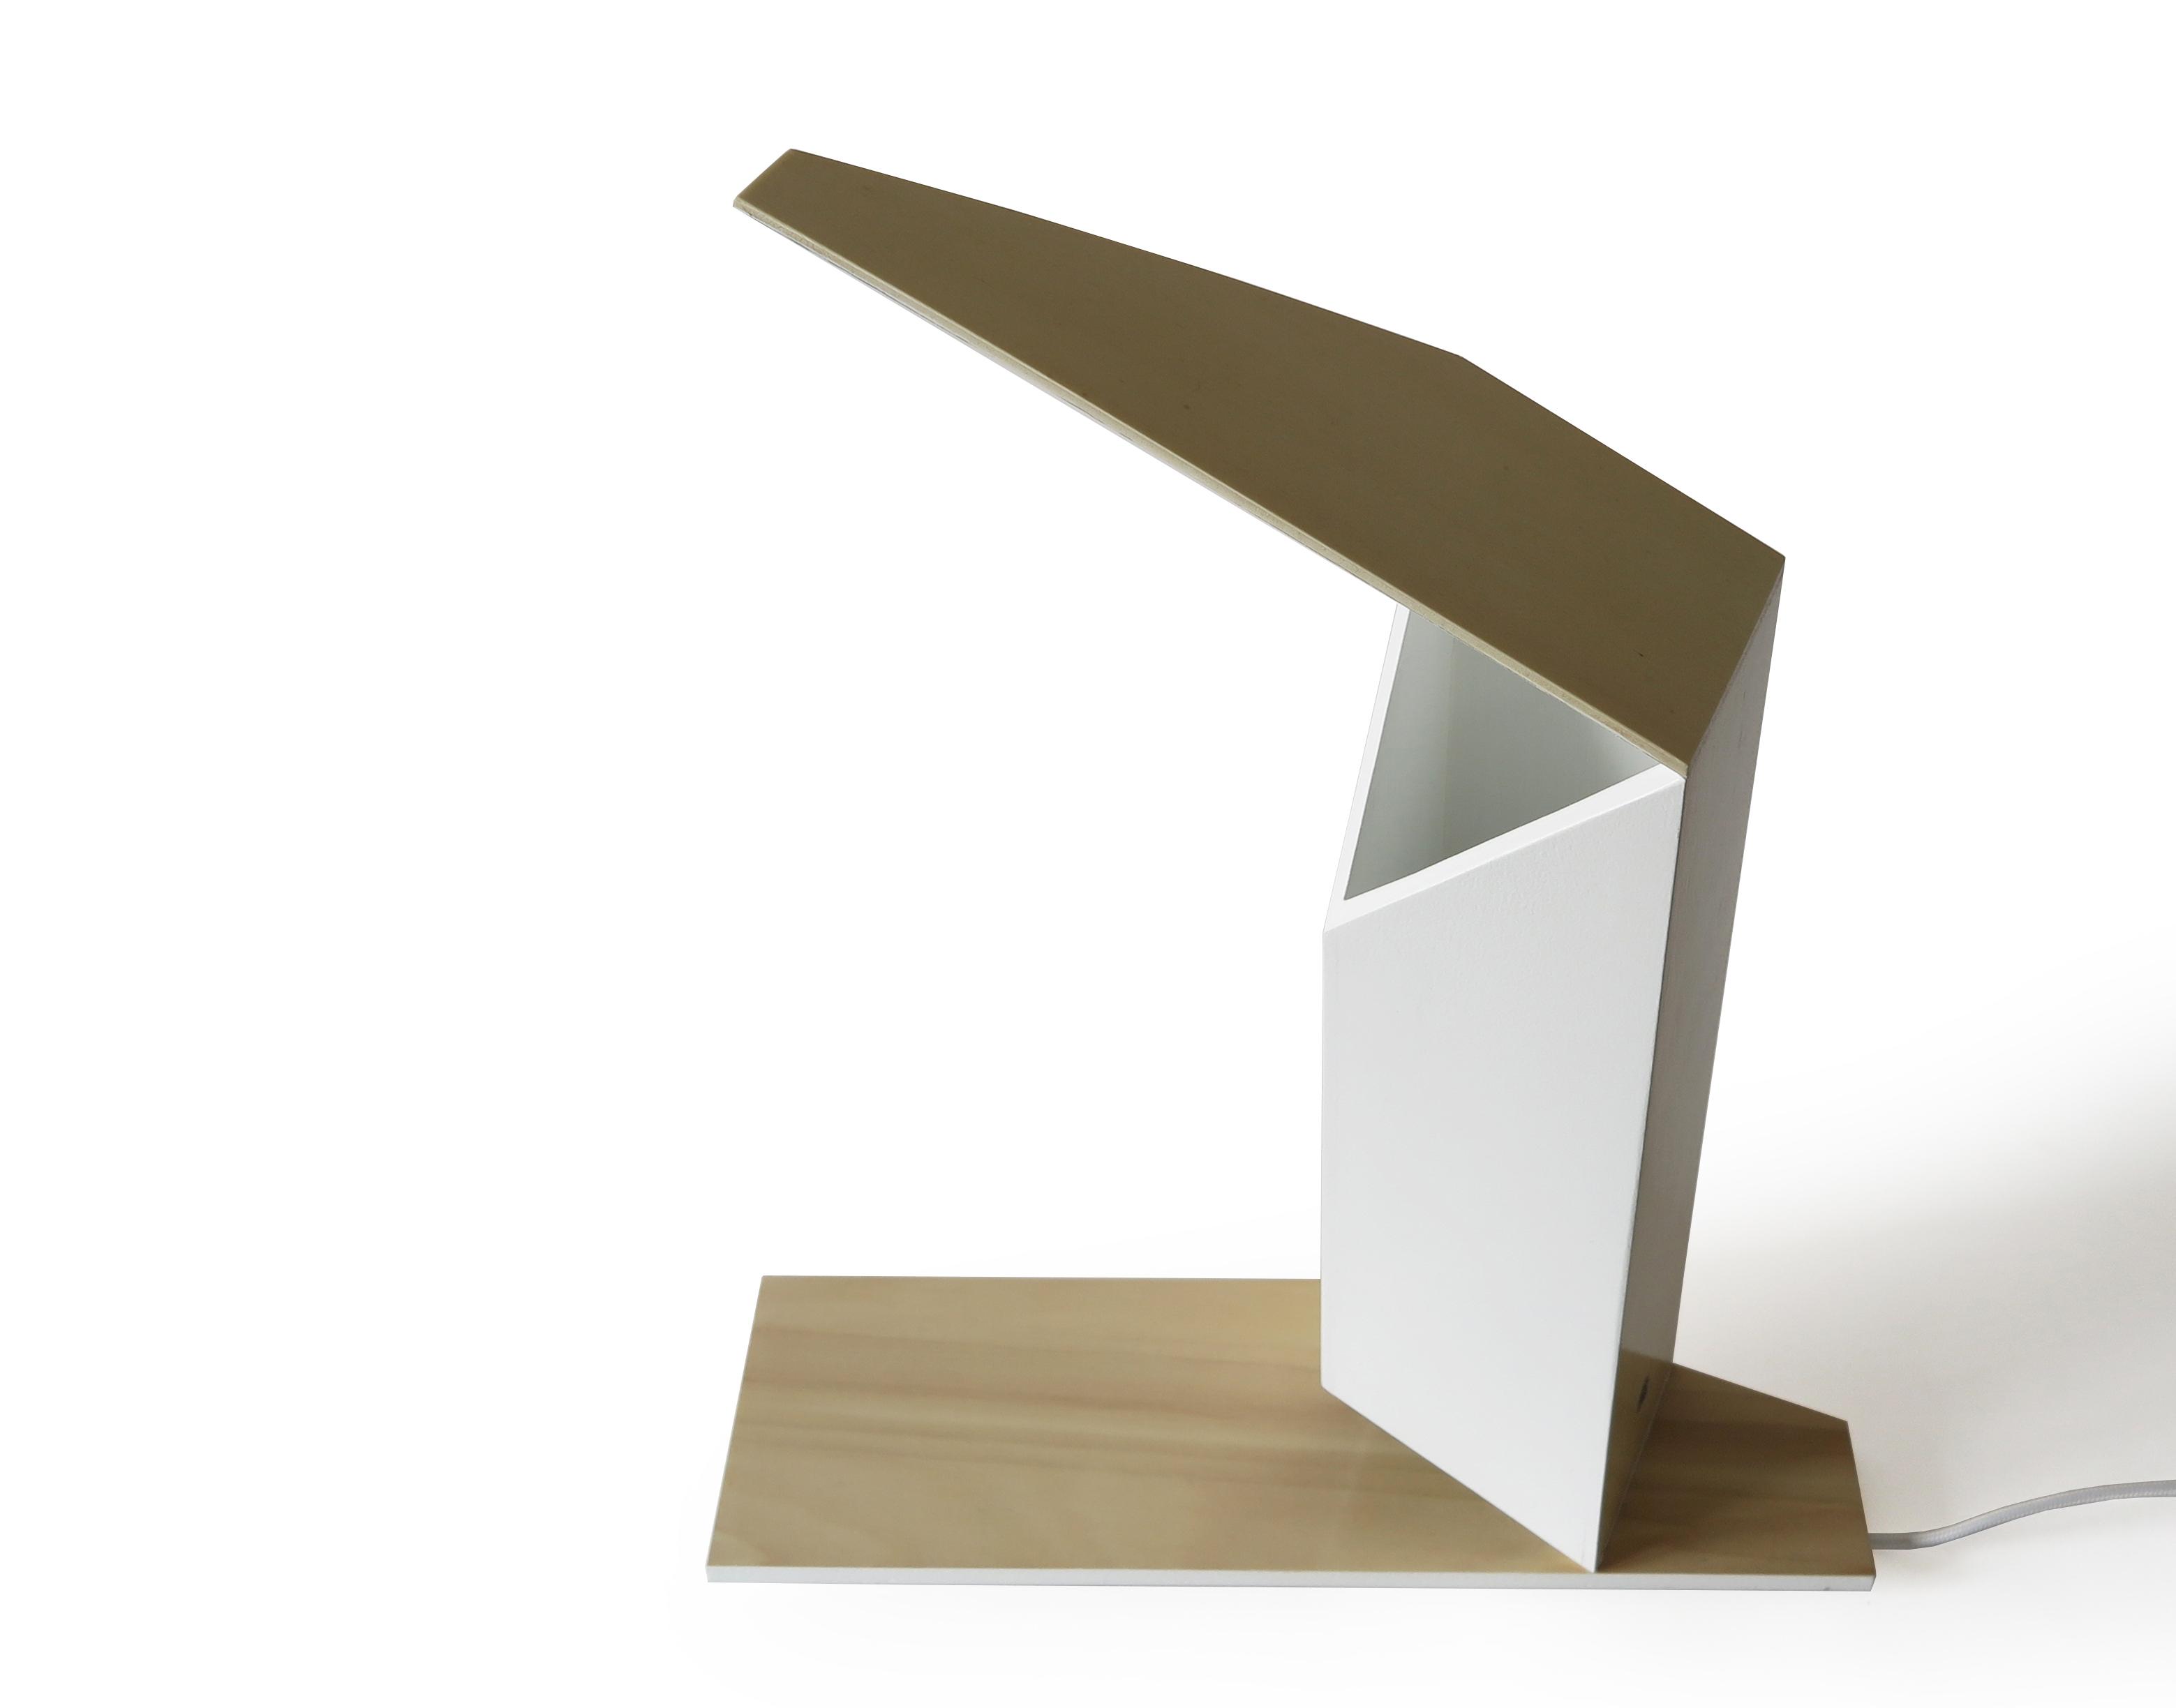 Haiku wooden lamp